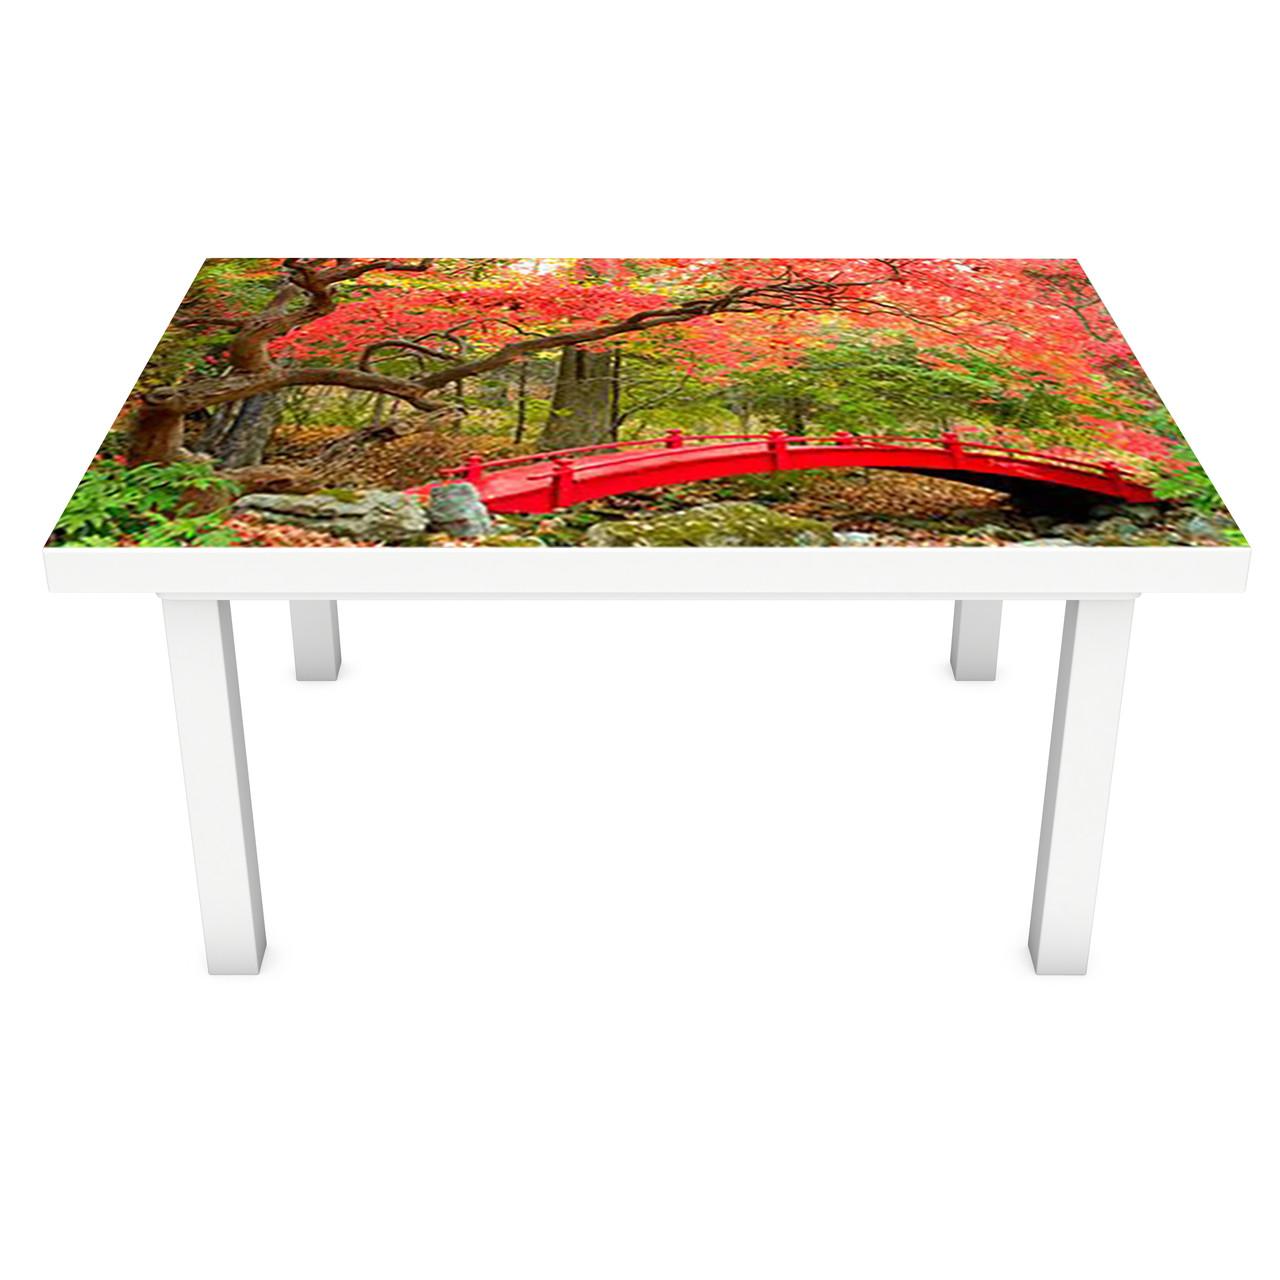 Наклейка на стол Красный мост (3Д виниловая пленка ПВХ) осенние деревья Природа Зеленый 600*1200 мм